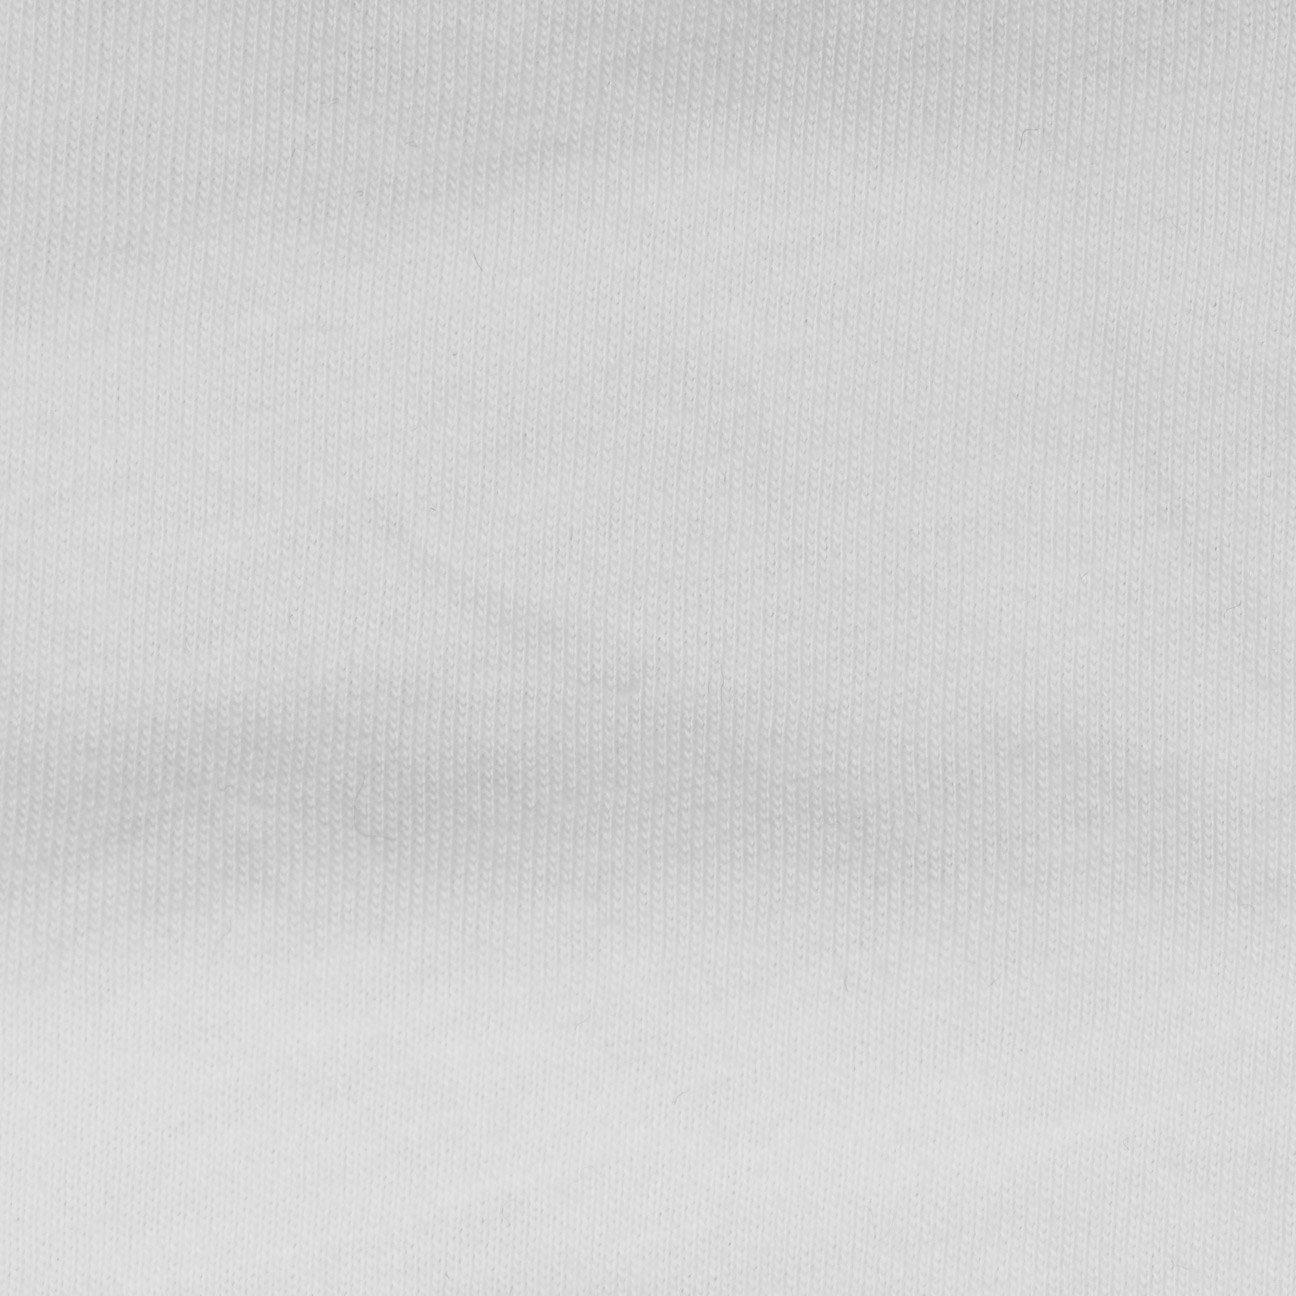 Bommelm/ütze One Size Lipodo Schlafm/ütze | Damen und Herren 53-60 cm | Nachtm/ütze mit Bommel Zipfelm/ütze zum Schlafen f/ür die Nacht 56 cm lang Nachthaube aus Baumwolle